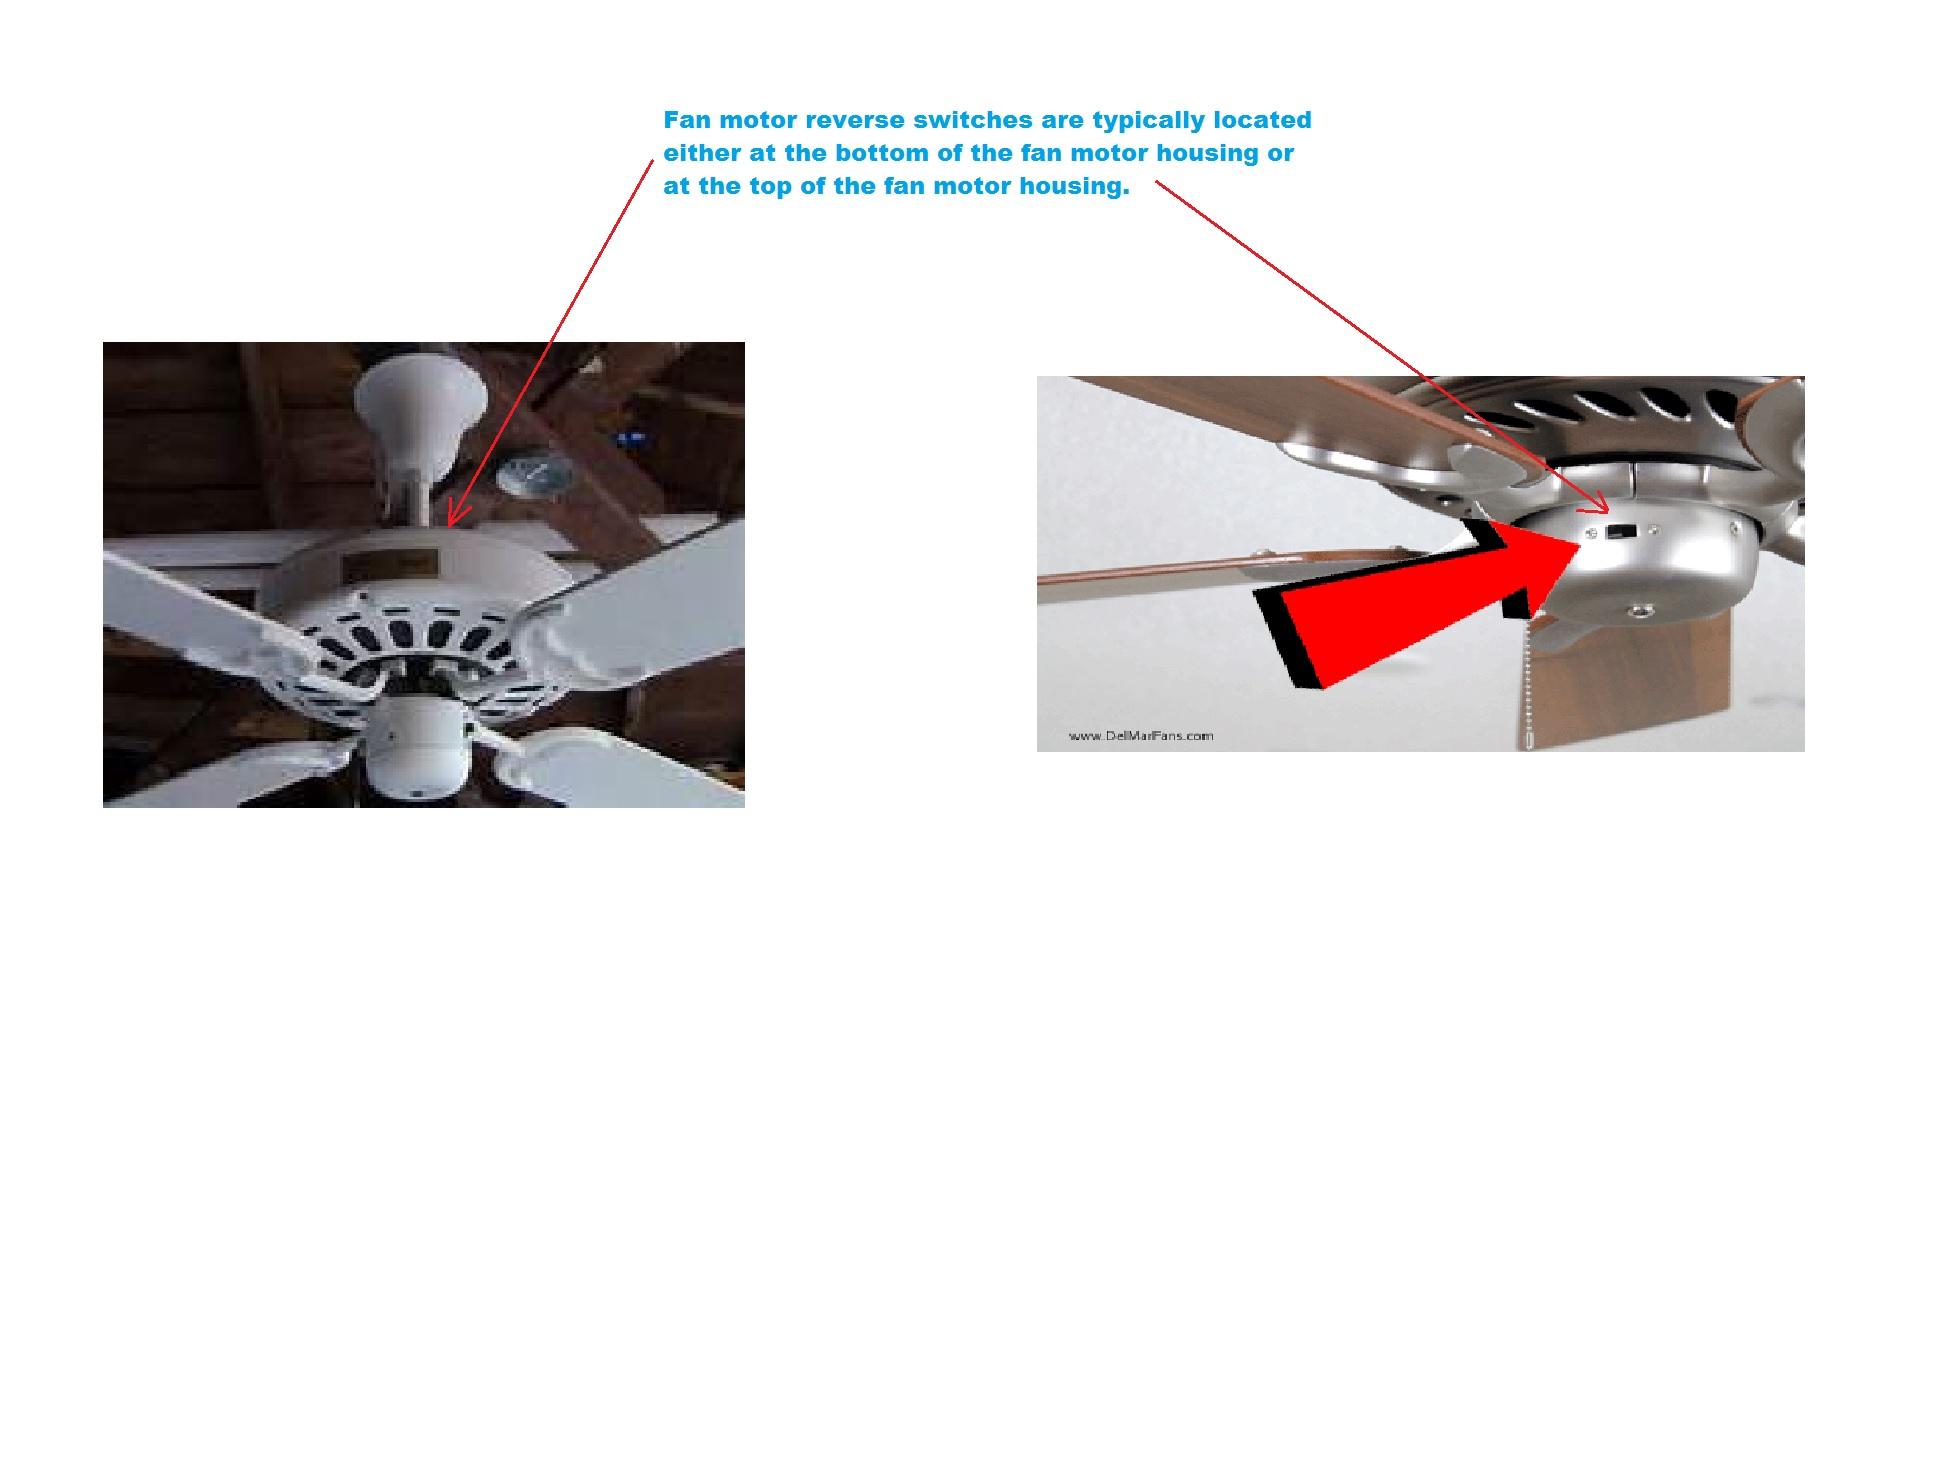 292e6e89-cd4b-4f8d-97fb-fca10e20f29f_Fan reverse switch locations.jpg